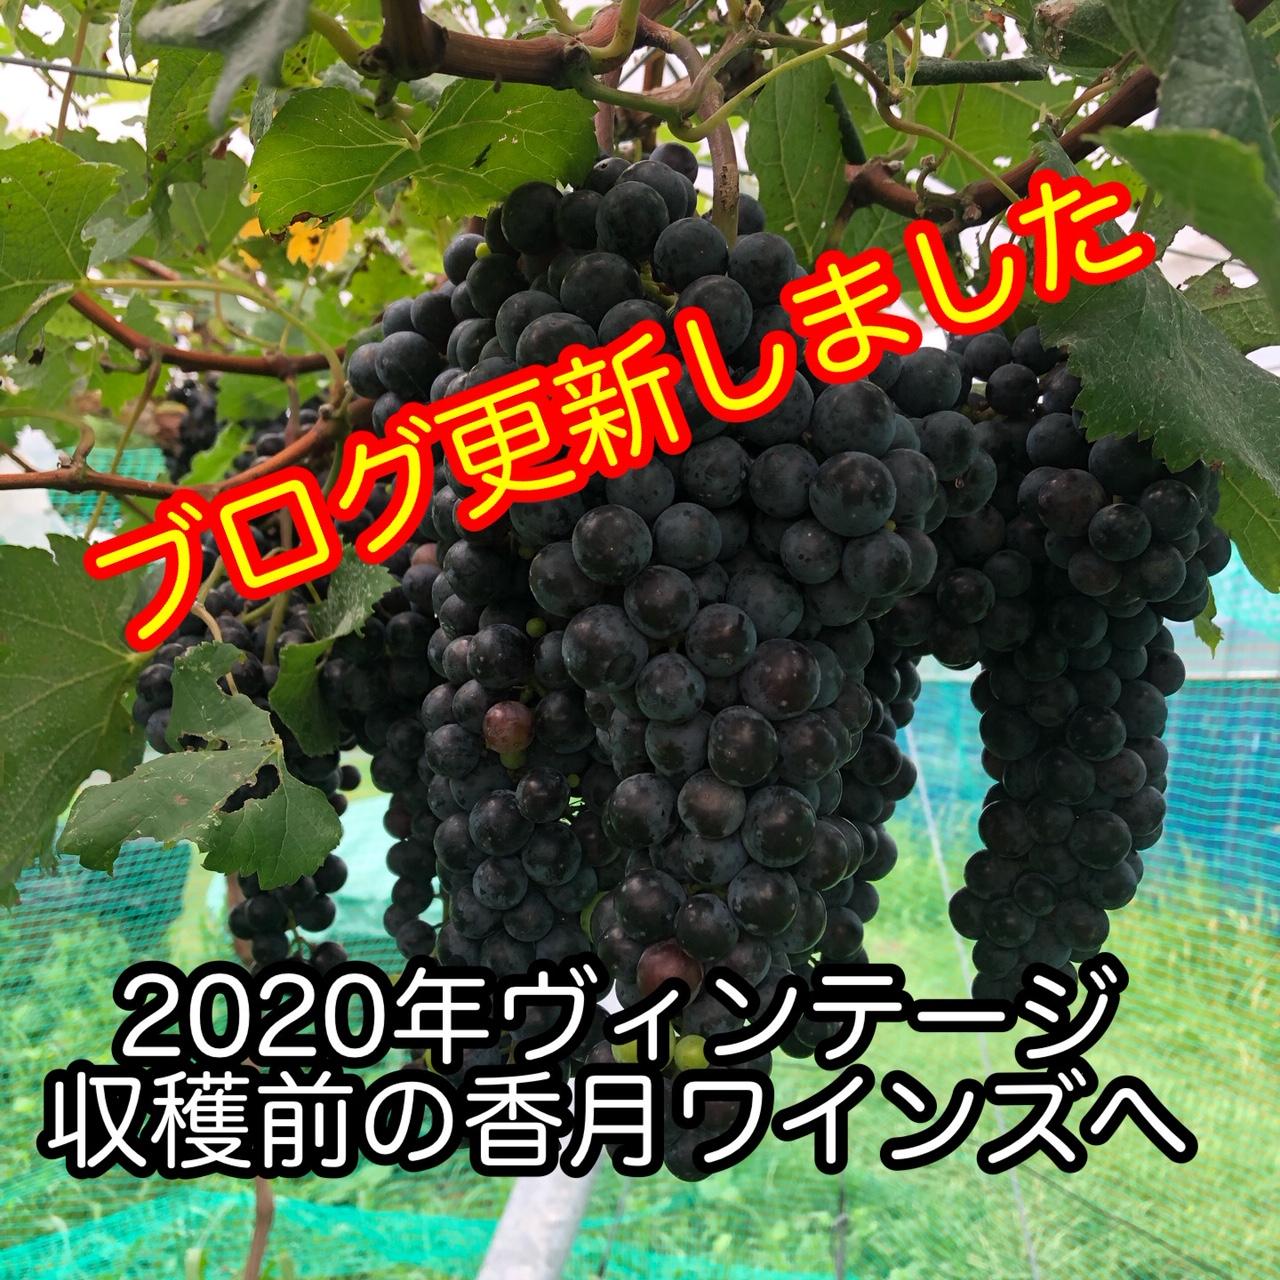 2020年8月 2020年ヴィンテージ収穫直前の香月ワインズへ